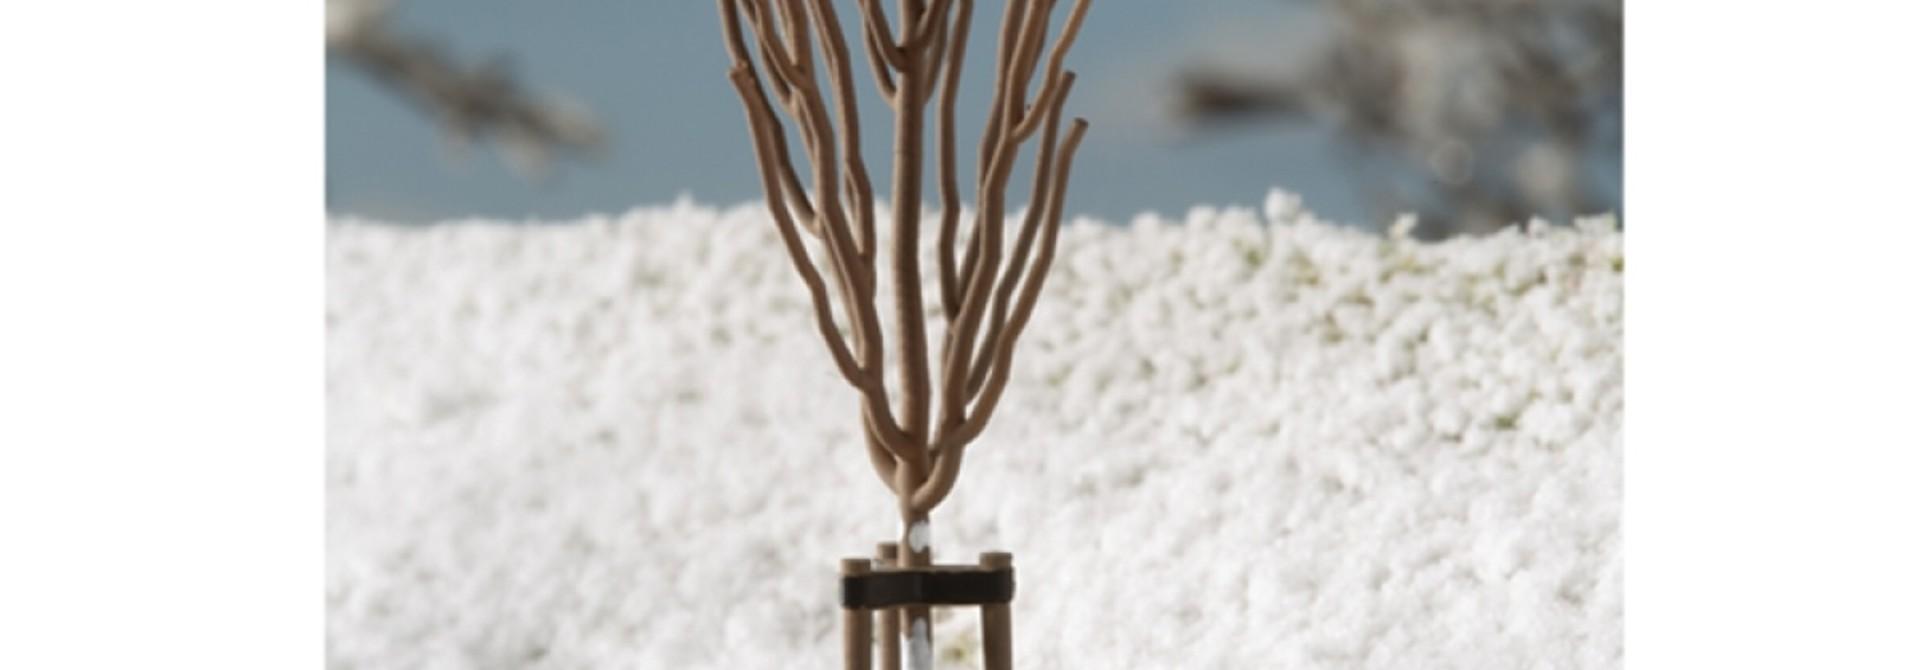 70951 Junge Bäume Winter